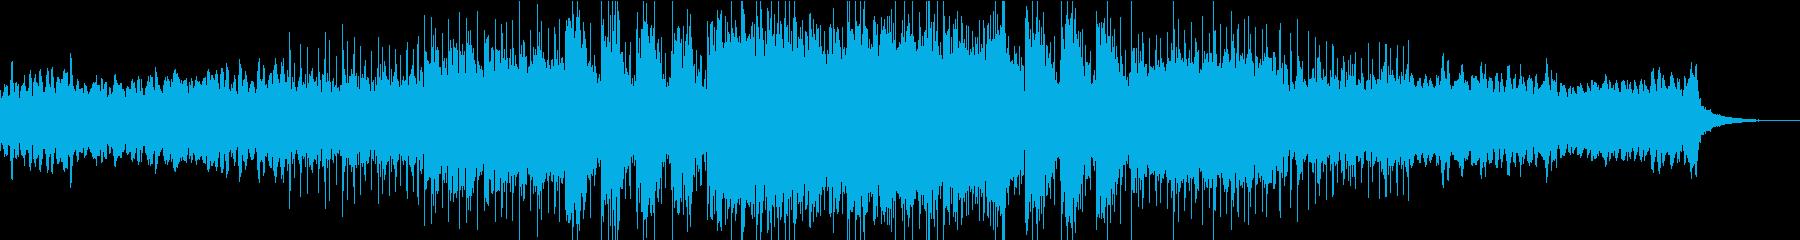 水の不動性を表現したエピック風のBGMの再生済みの波形